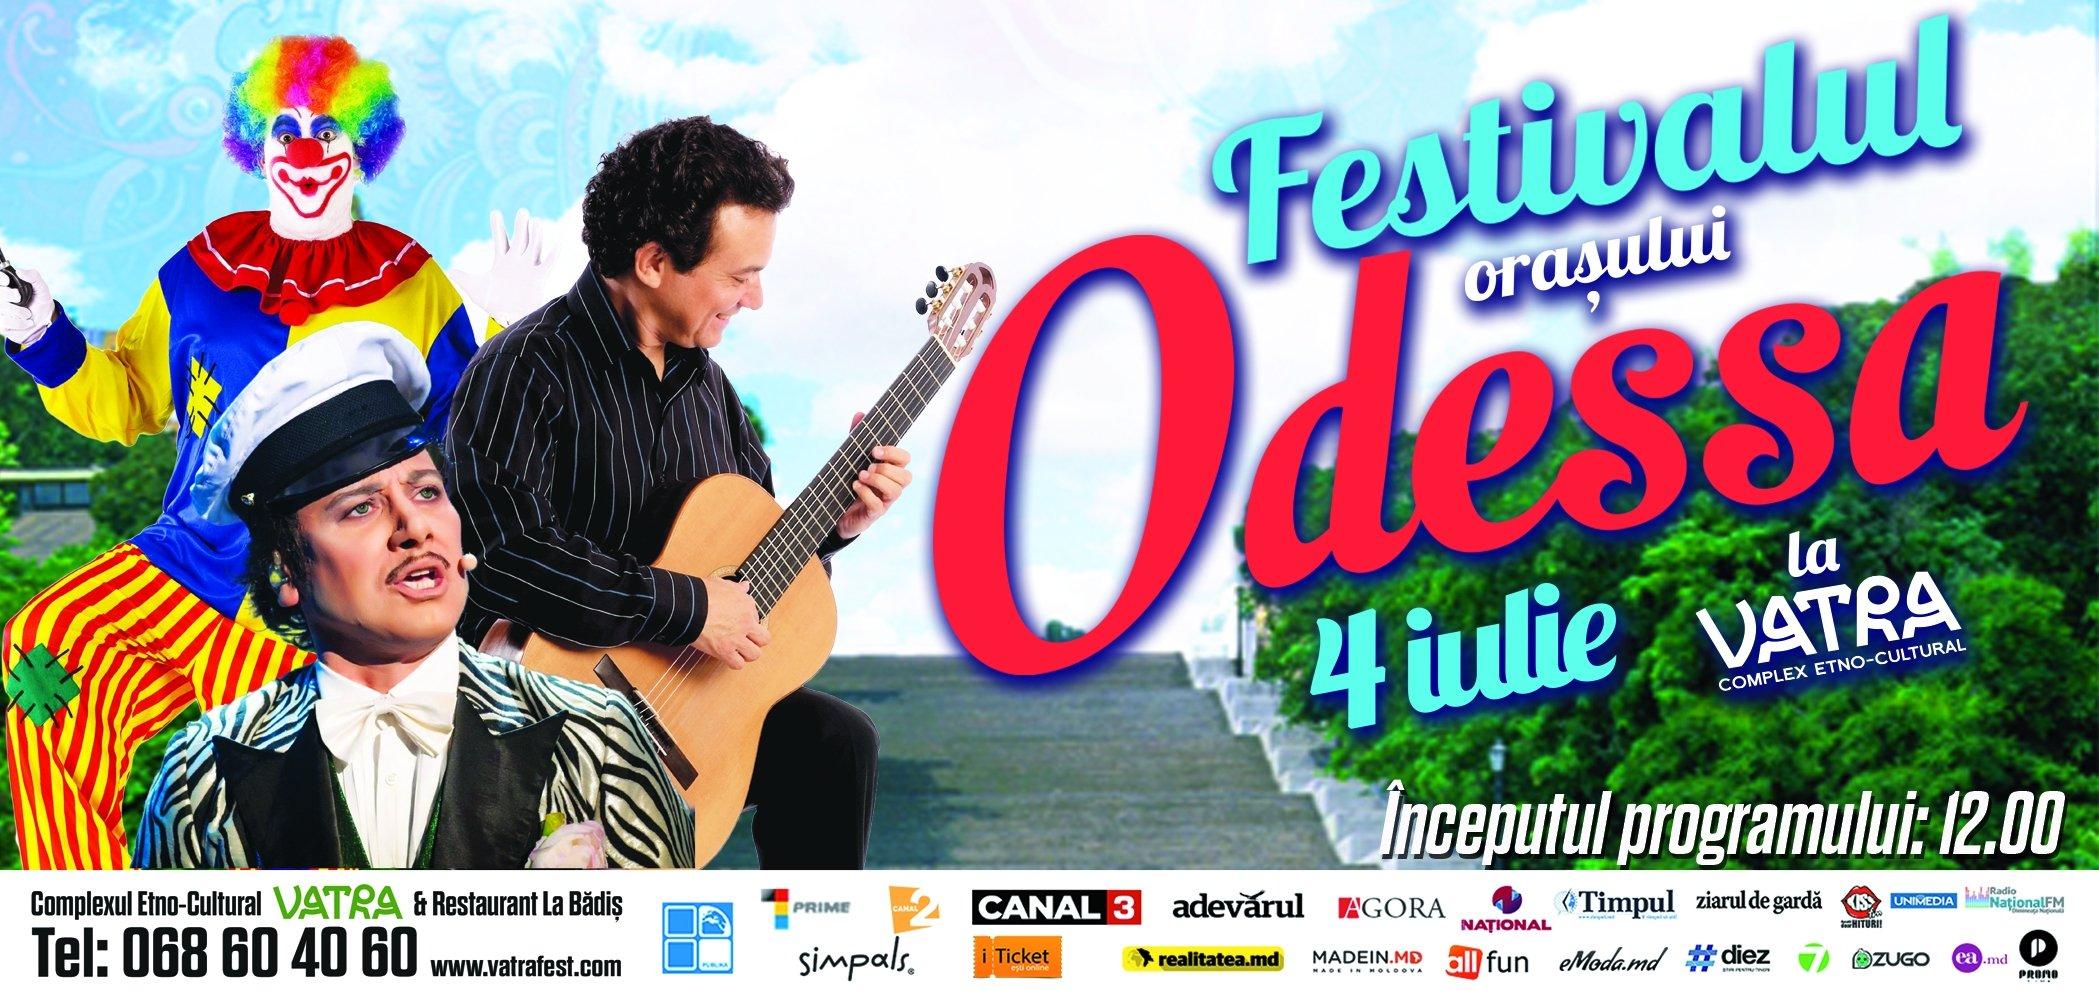 festivalul orasului odessa